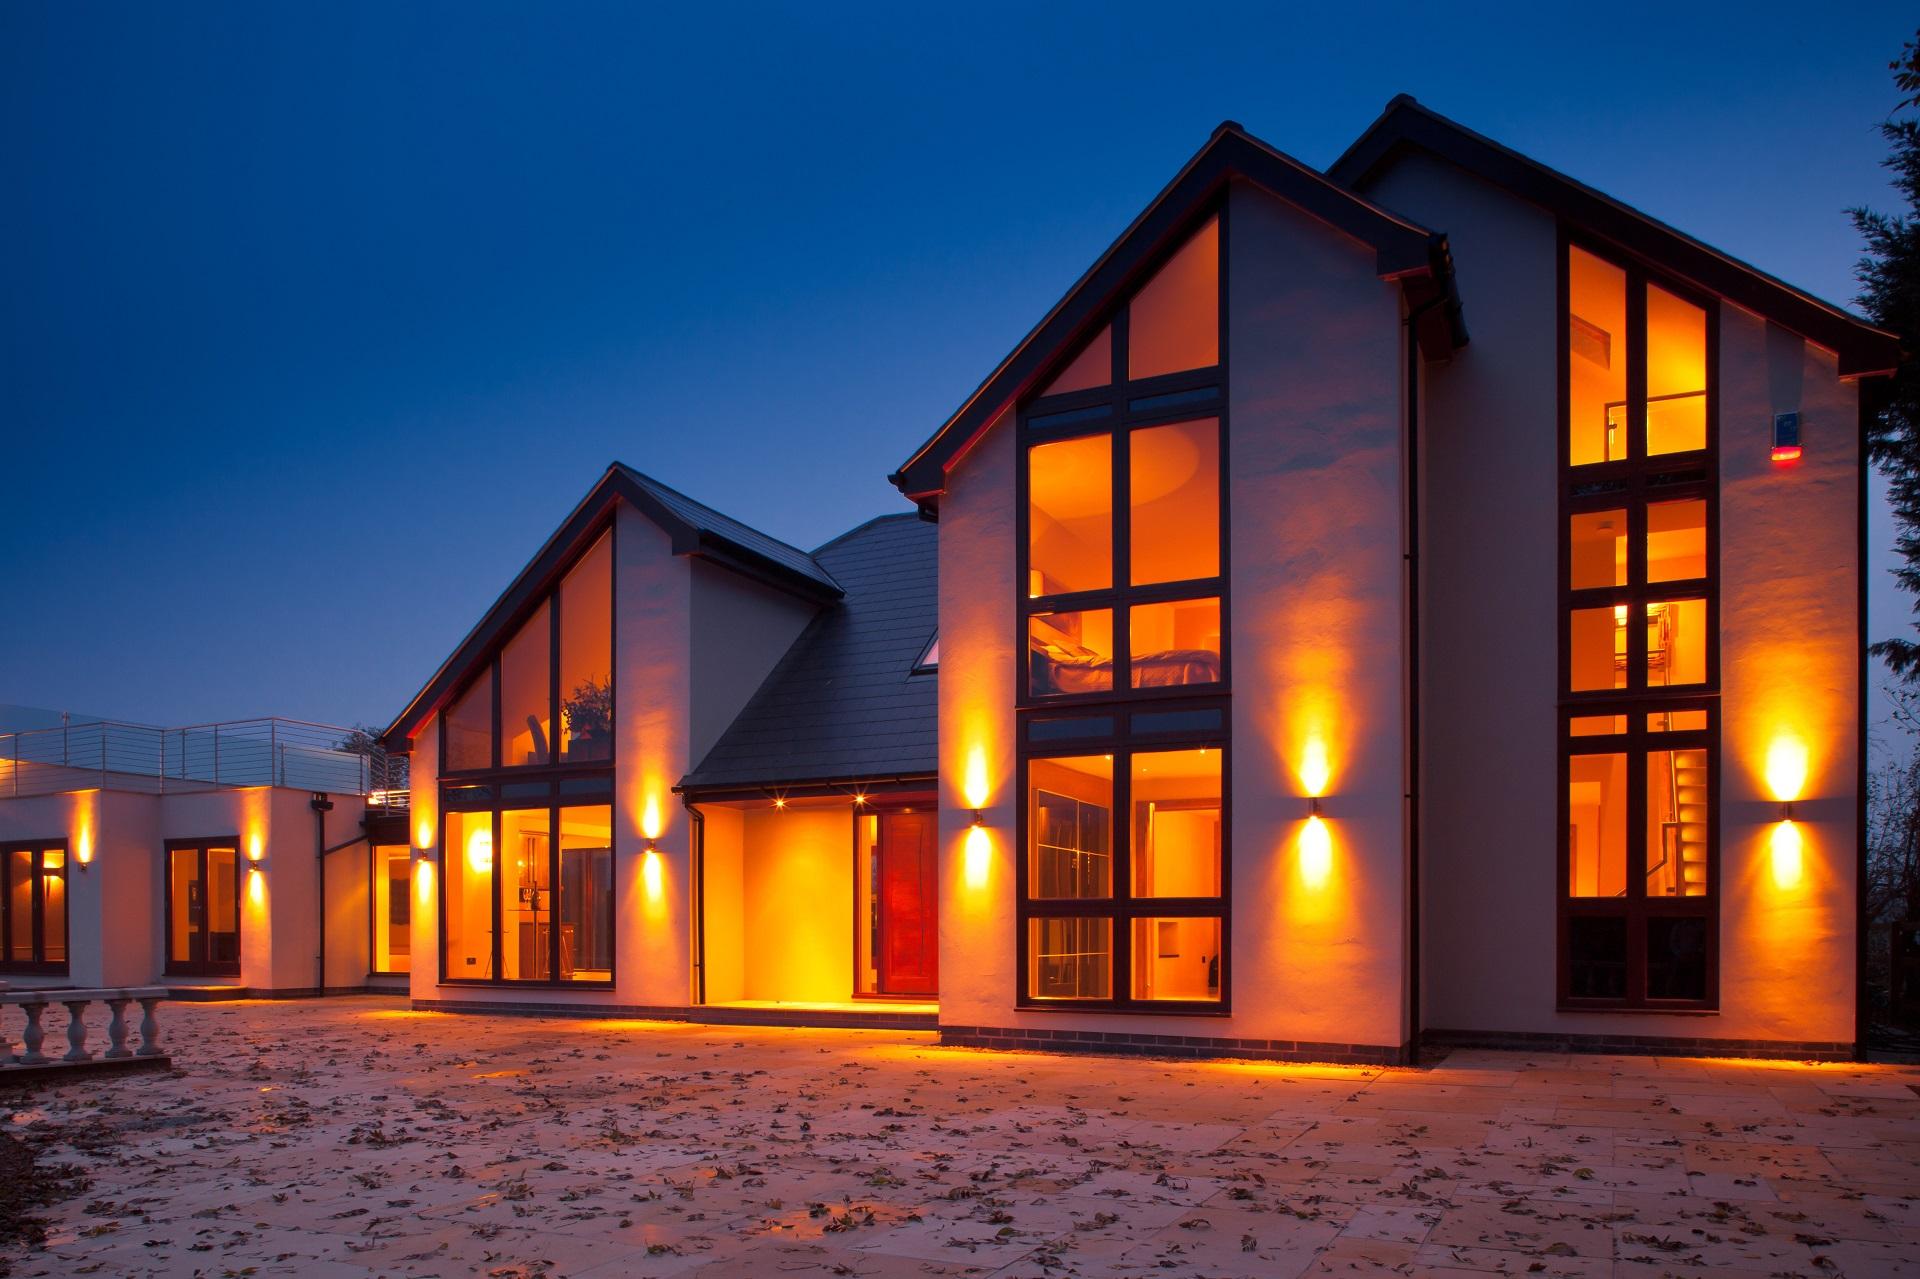 nottingham luxury home, fern hill nottingham, outdoor lighting